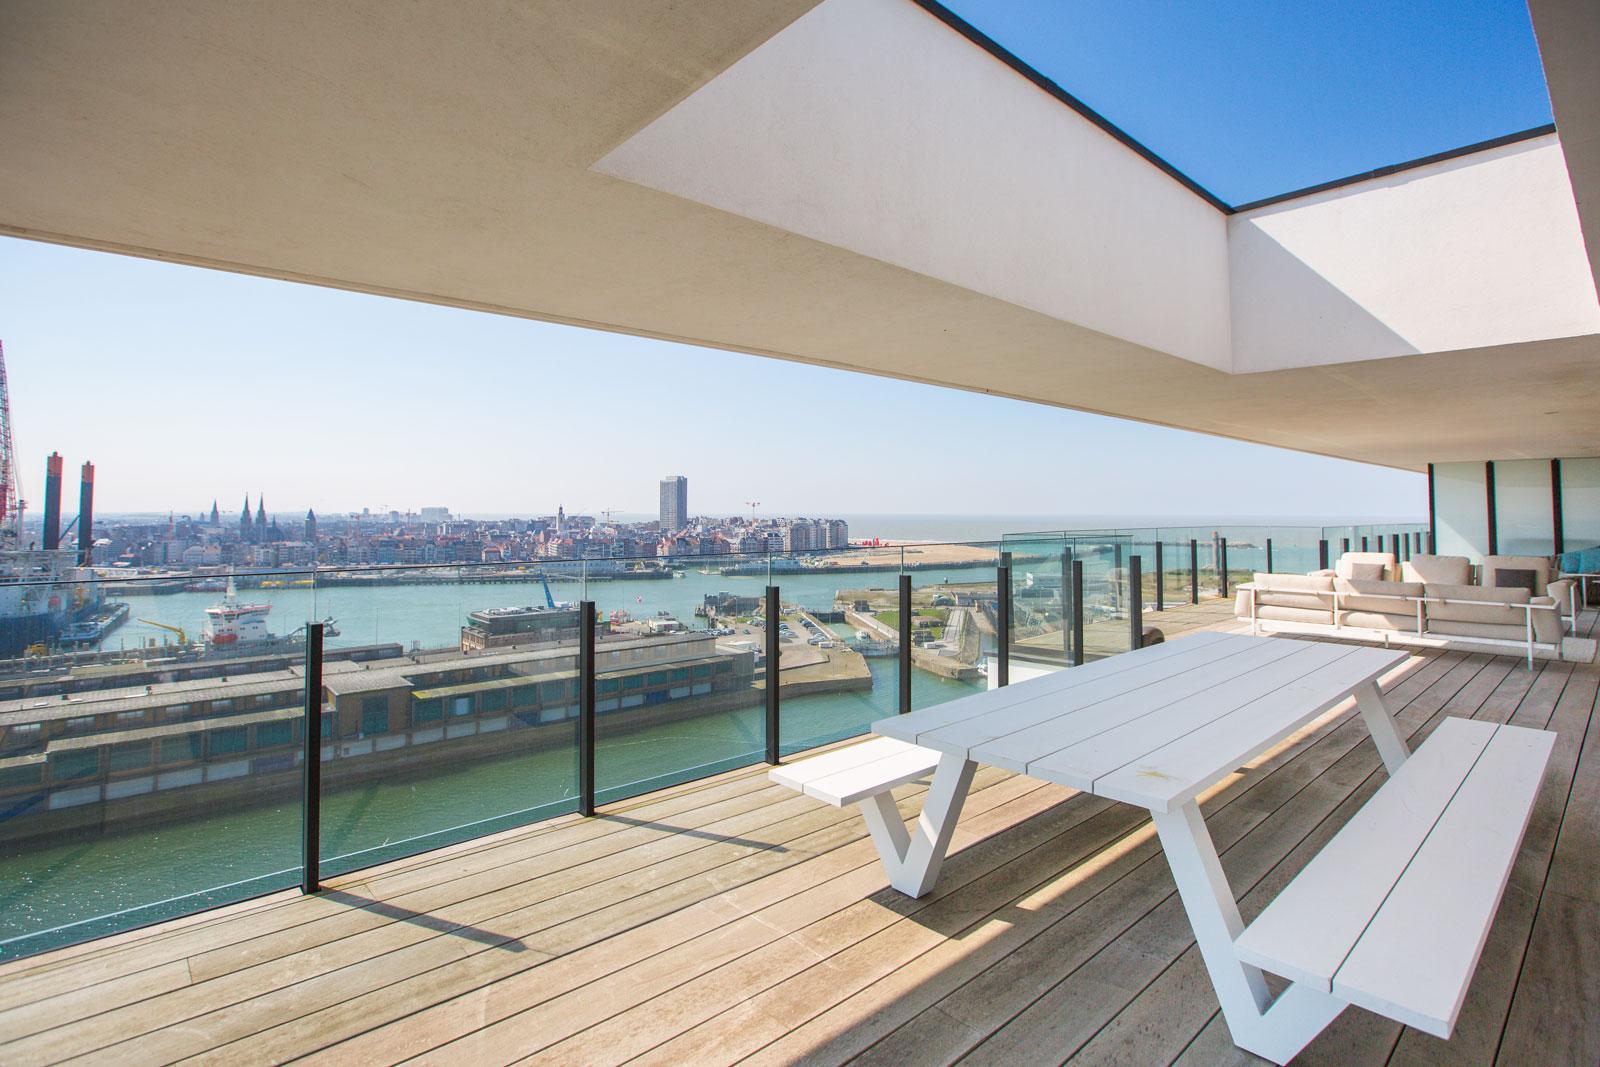 Vakantieappartement met zicht op de haven Oostende